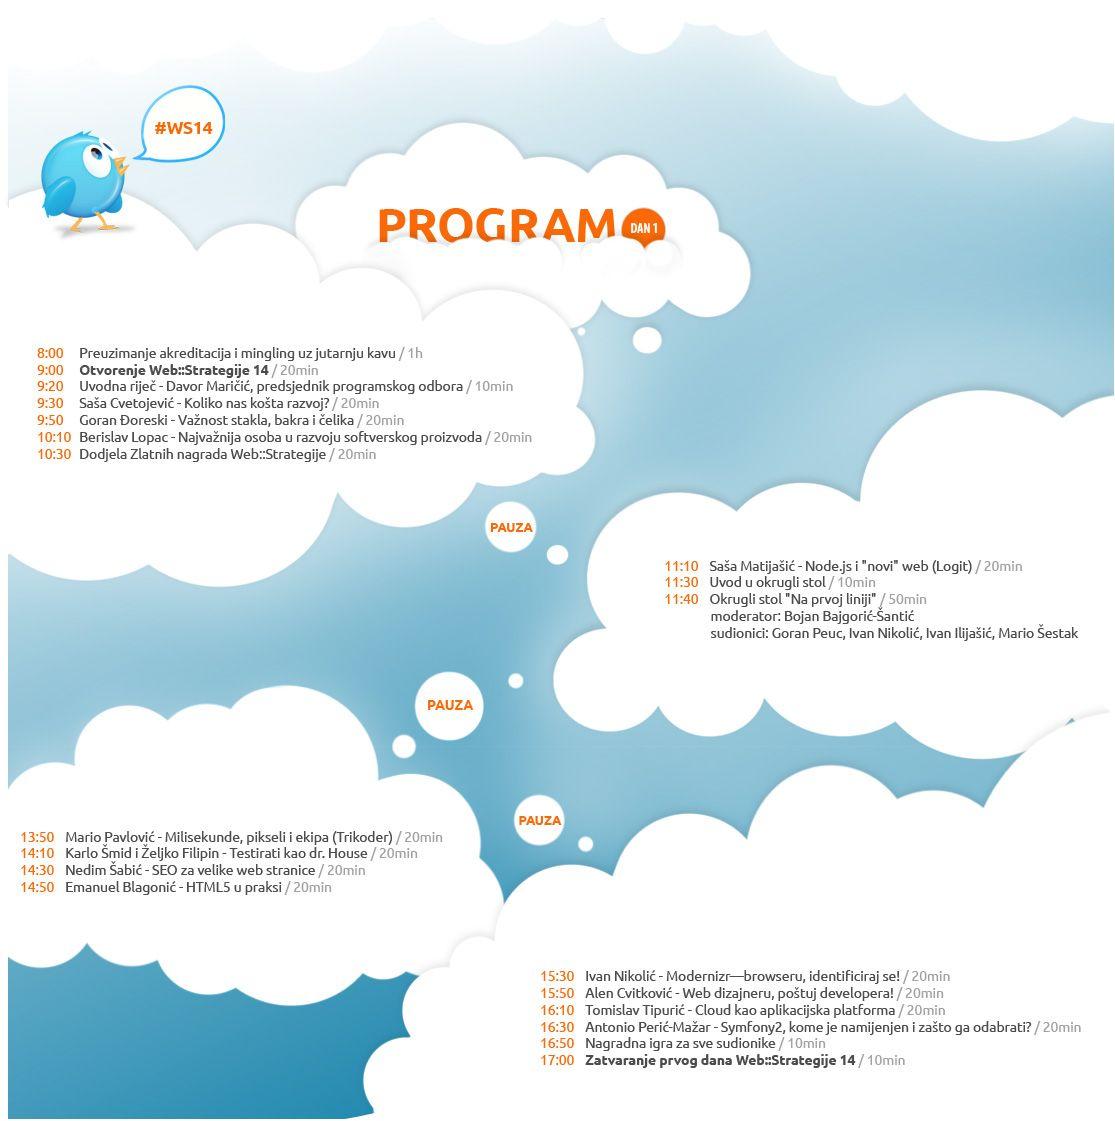 Ws14 Prevedeno Web Strategija 14 Live Streaming W Zimo Streaming Zagreb Map